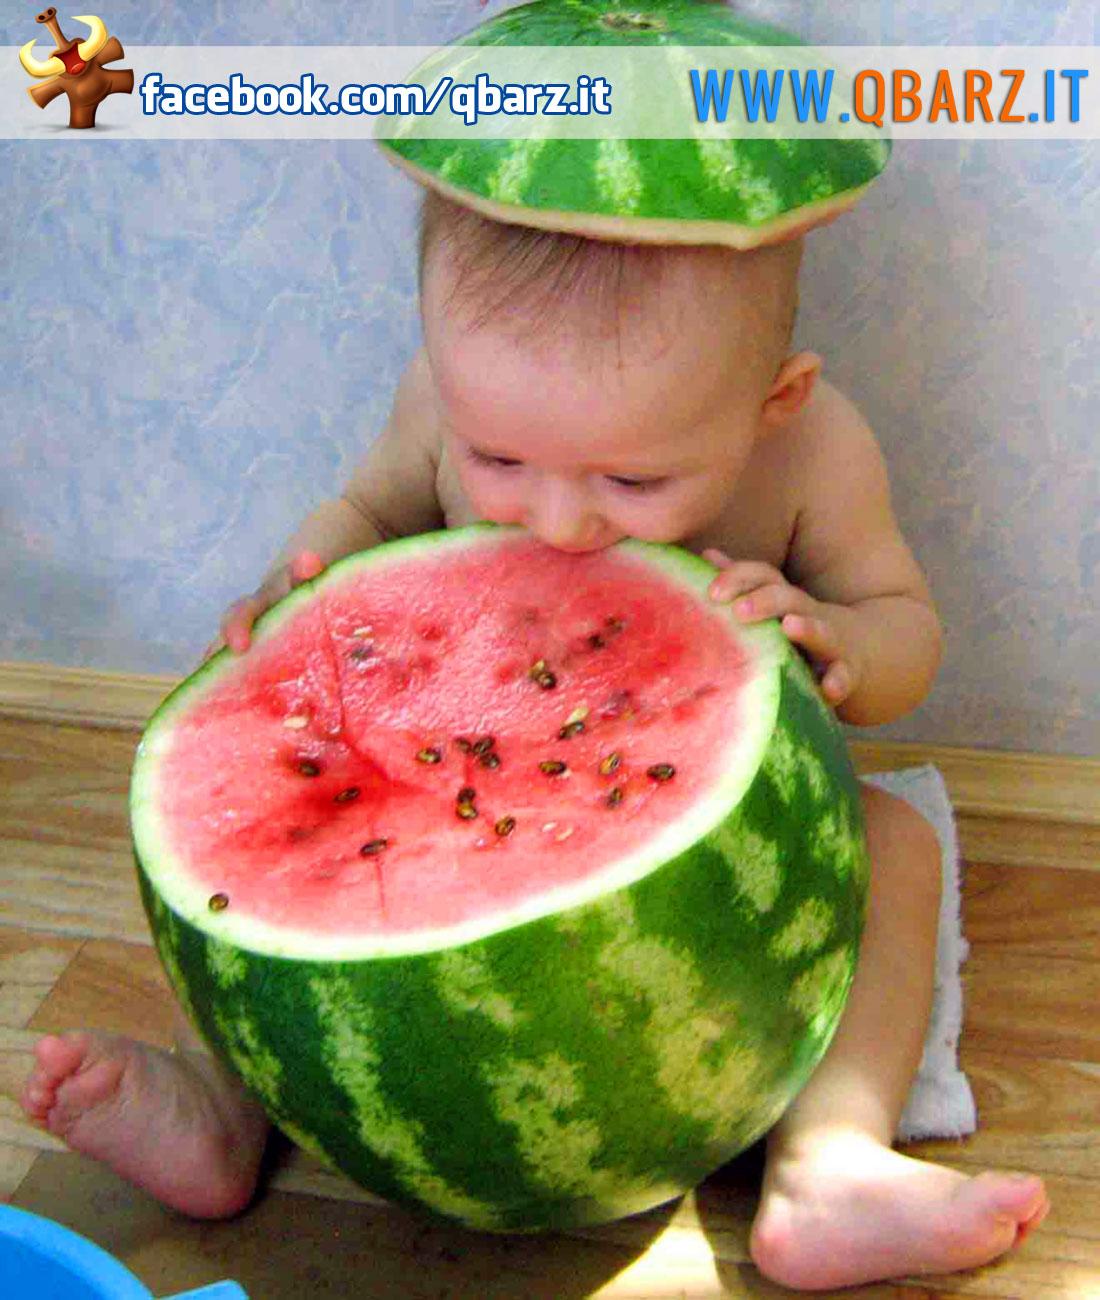 Bambino con anguria